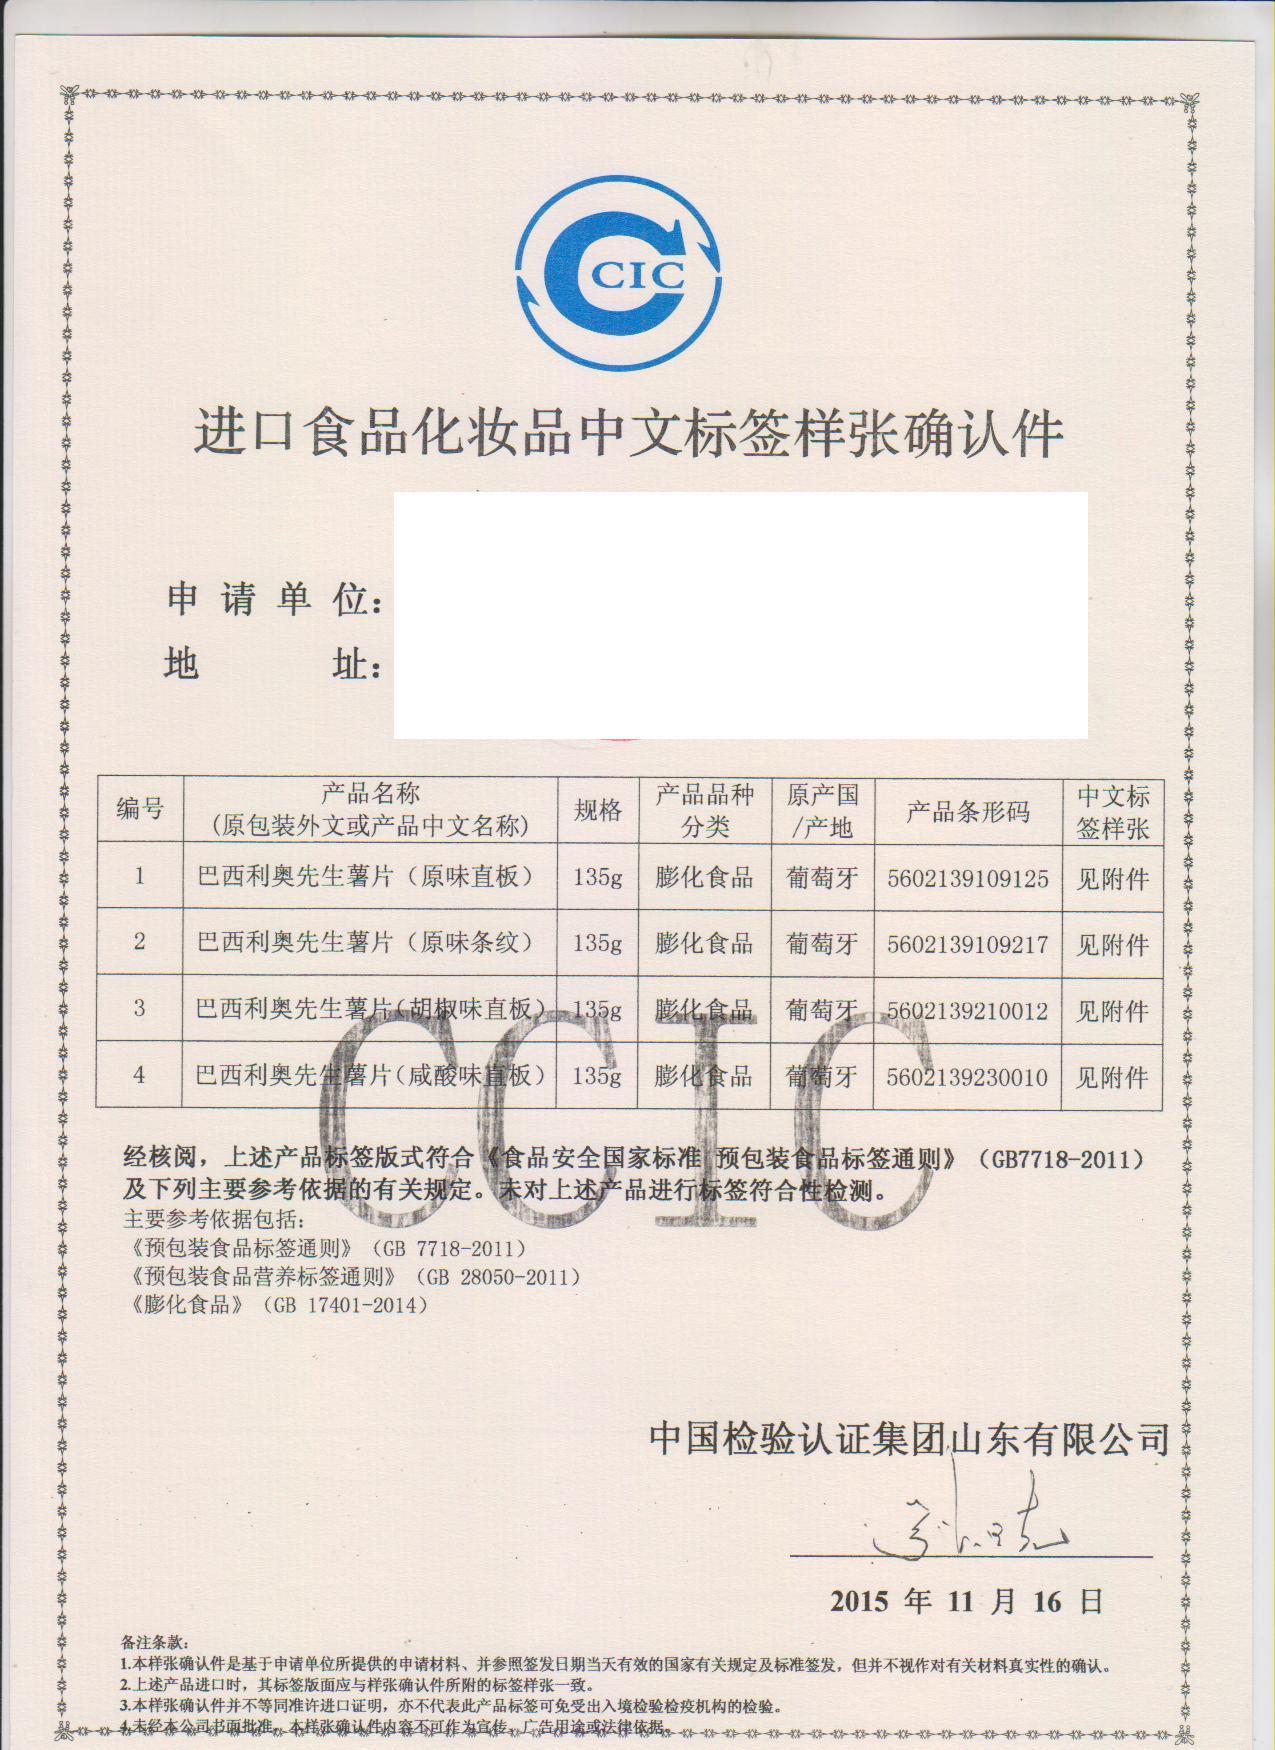 天津公司:天津市和平区解放北路188号信达广场